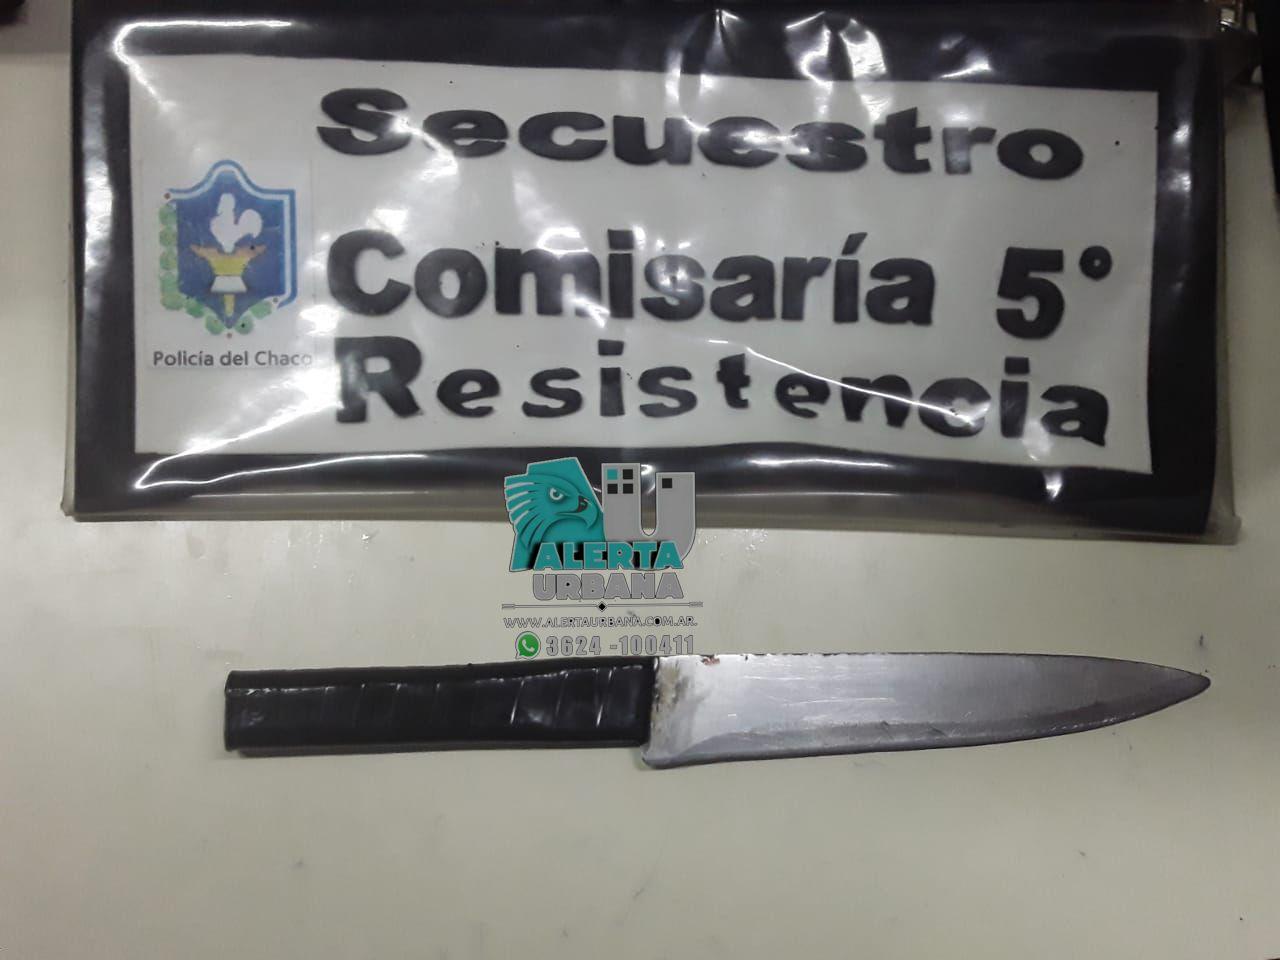 Resistencia: Fue detenido por intentar sustraer un teléfono con un cuchillo